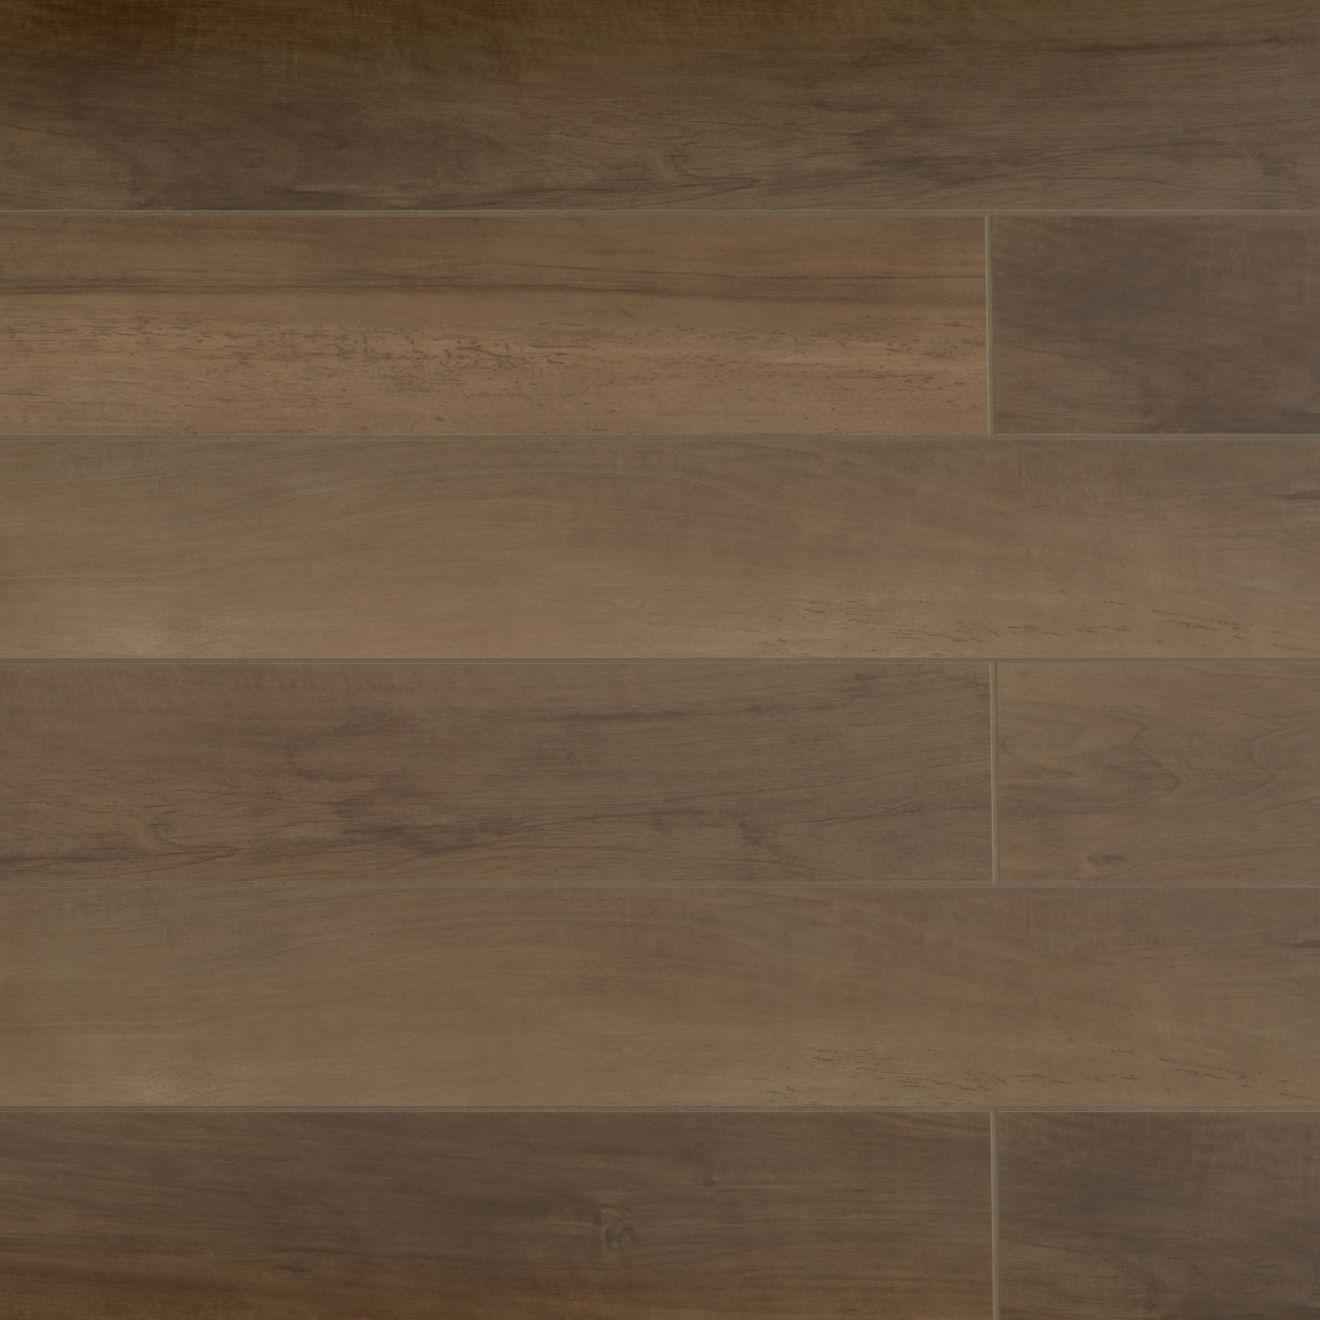 Antique 8.00 x 48.00 Floor & Wall Tile in Walnut